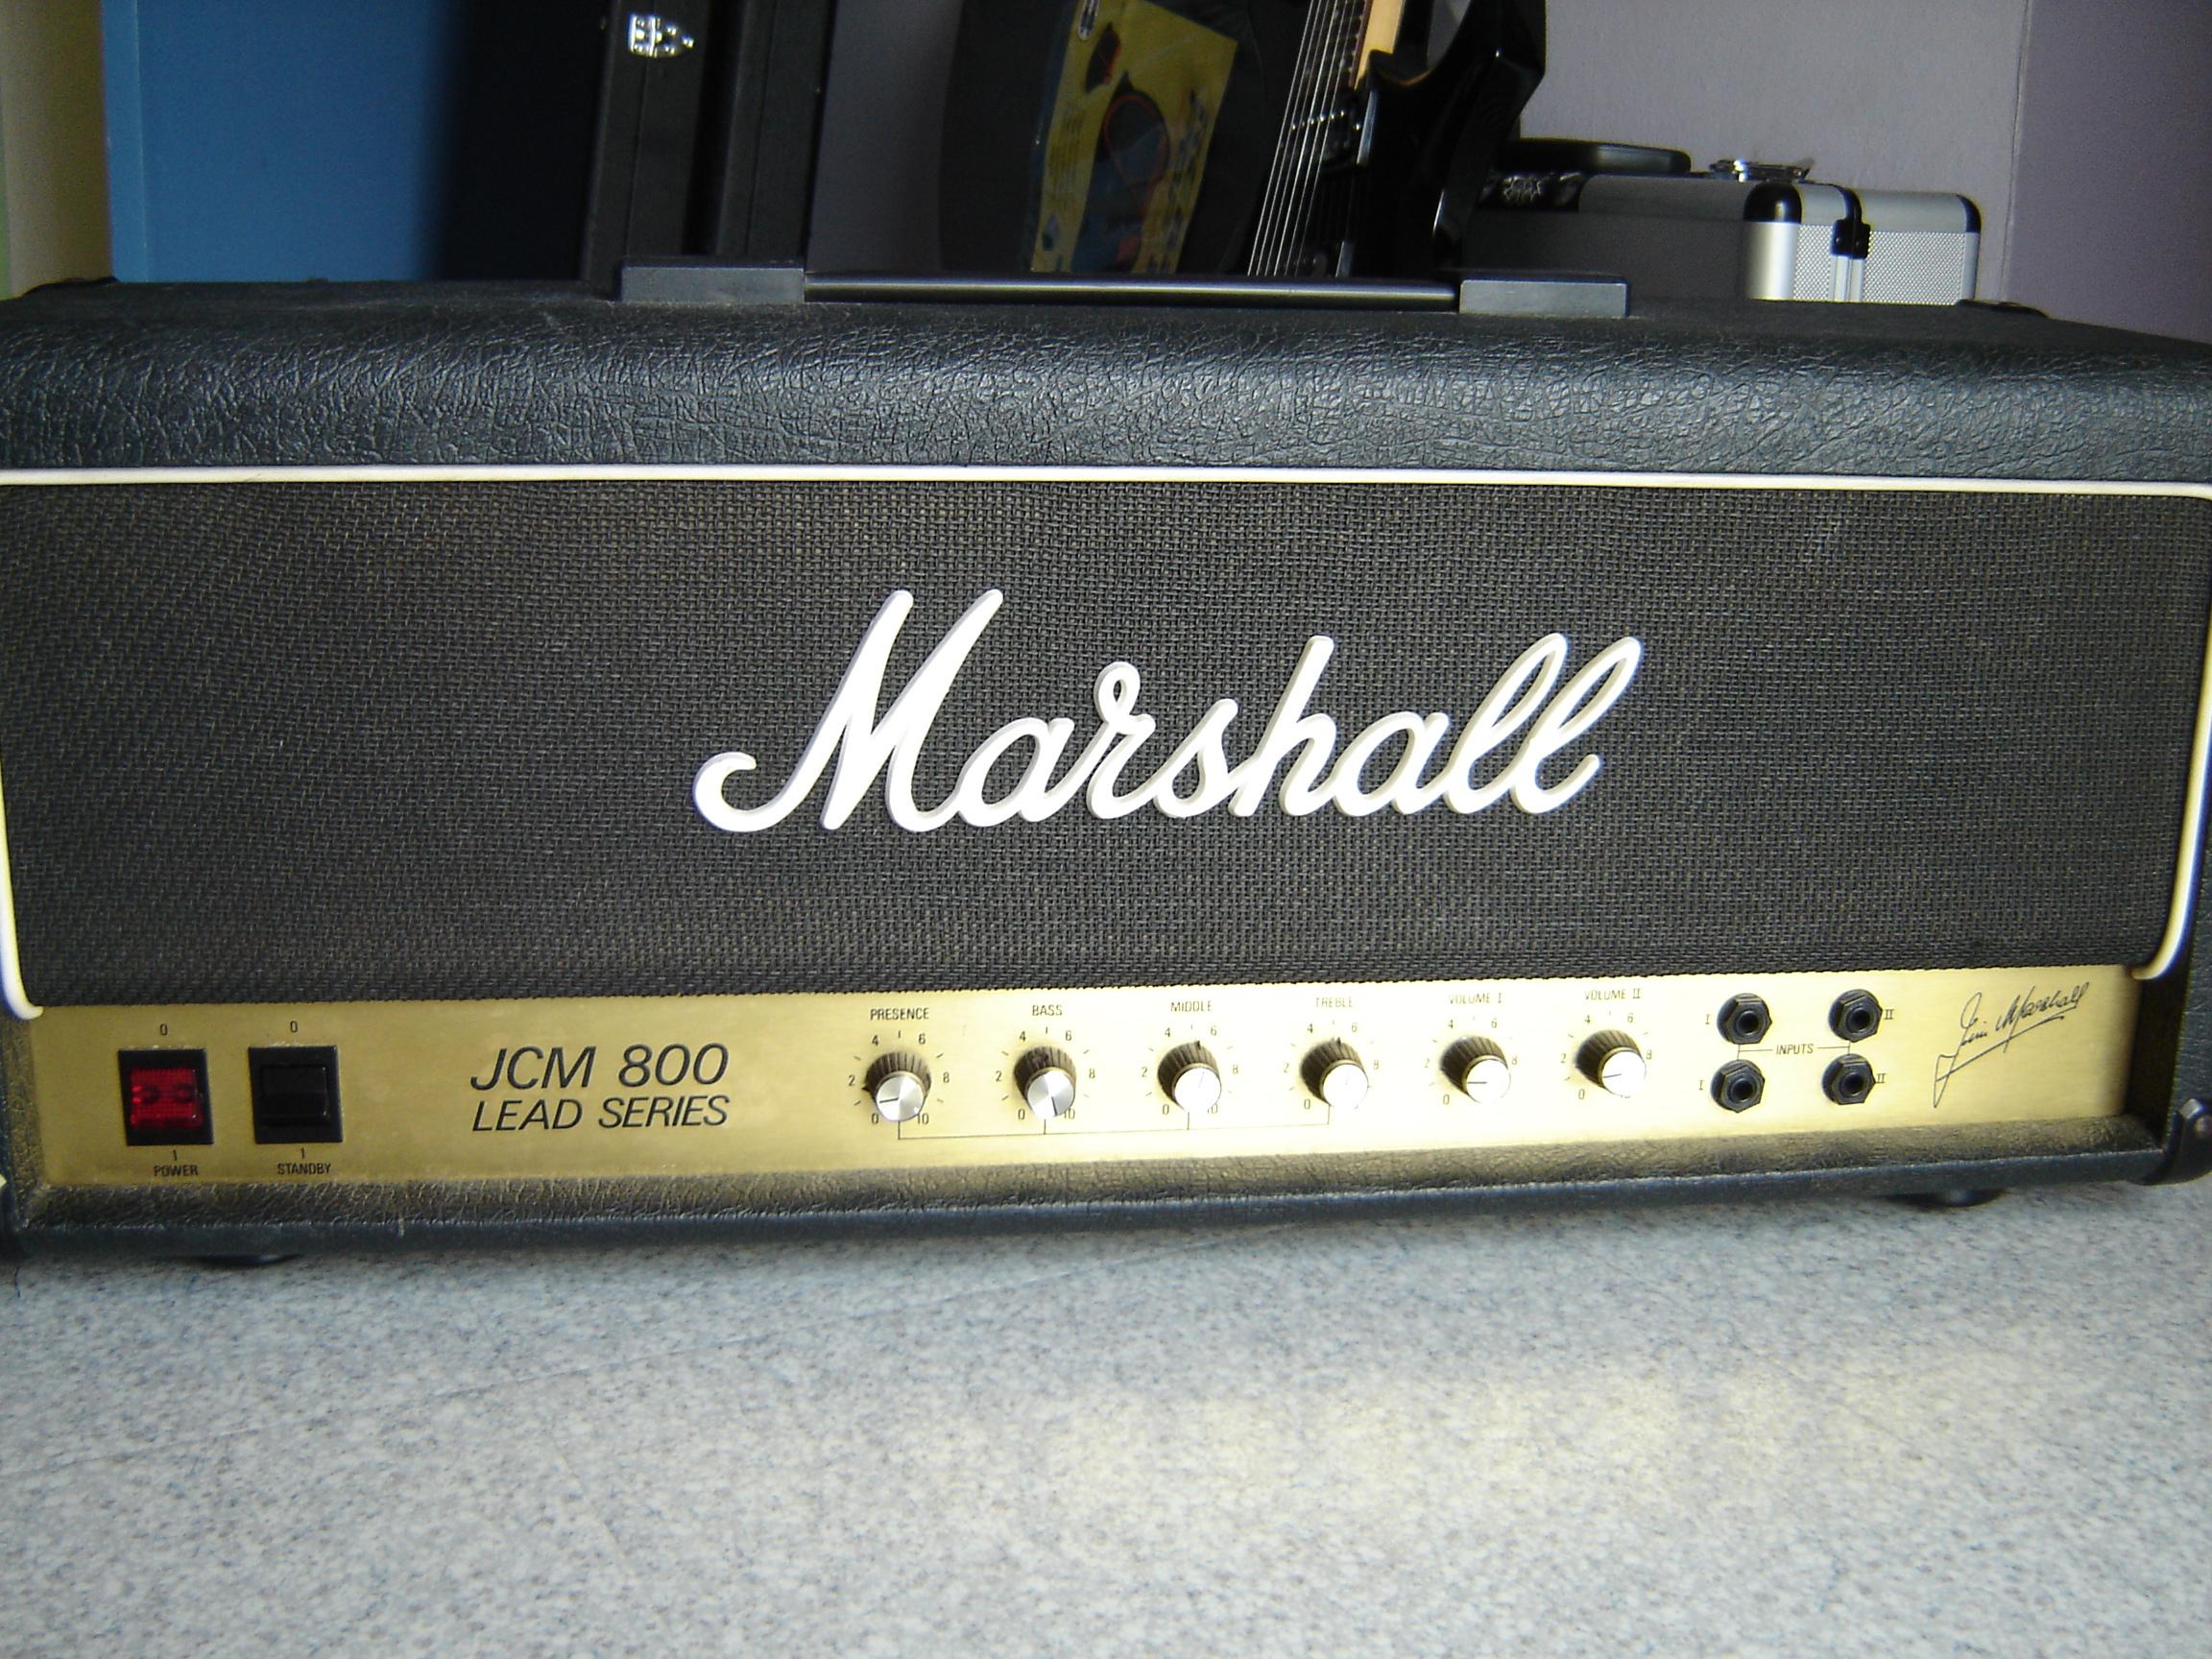 marshall 1987 jcm800 lead 1981 1989 image 231614 audiofanzine. Black Bedroom Furniture Sets. Home Design Ideas